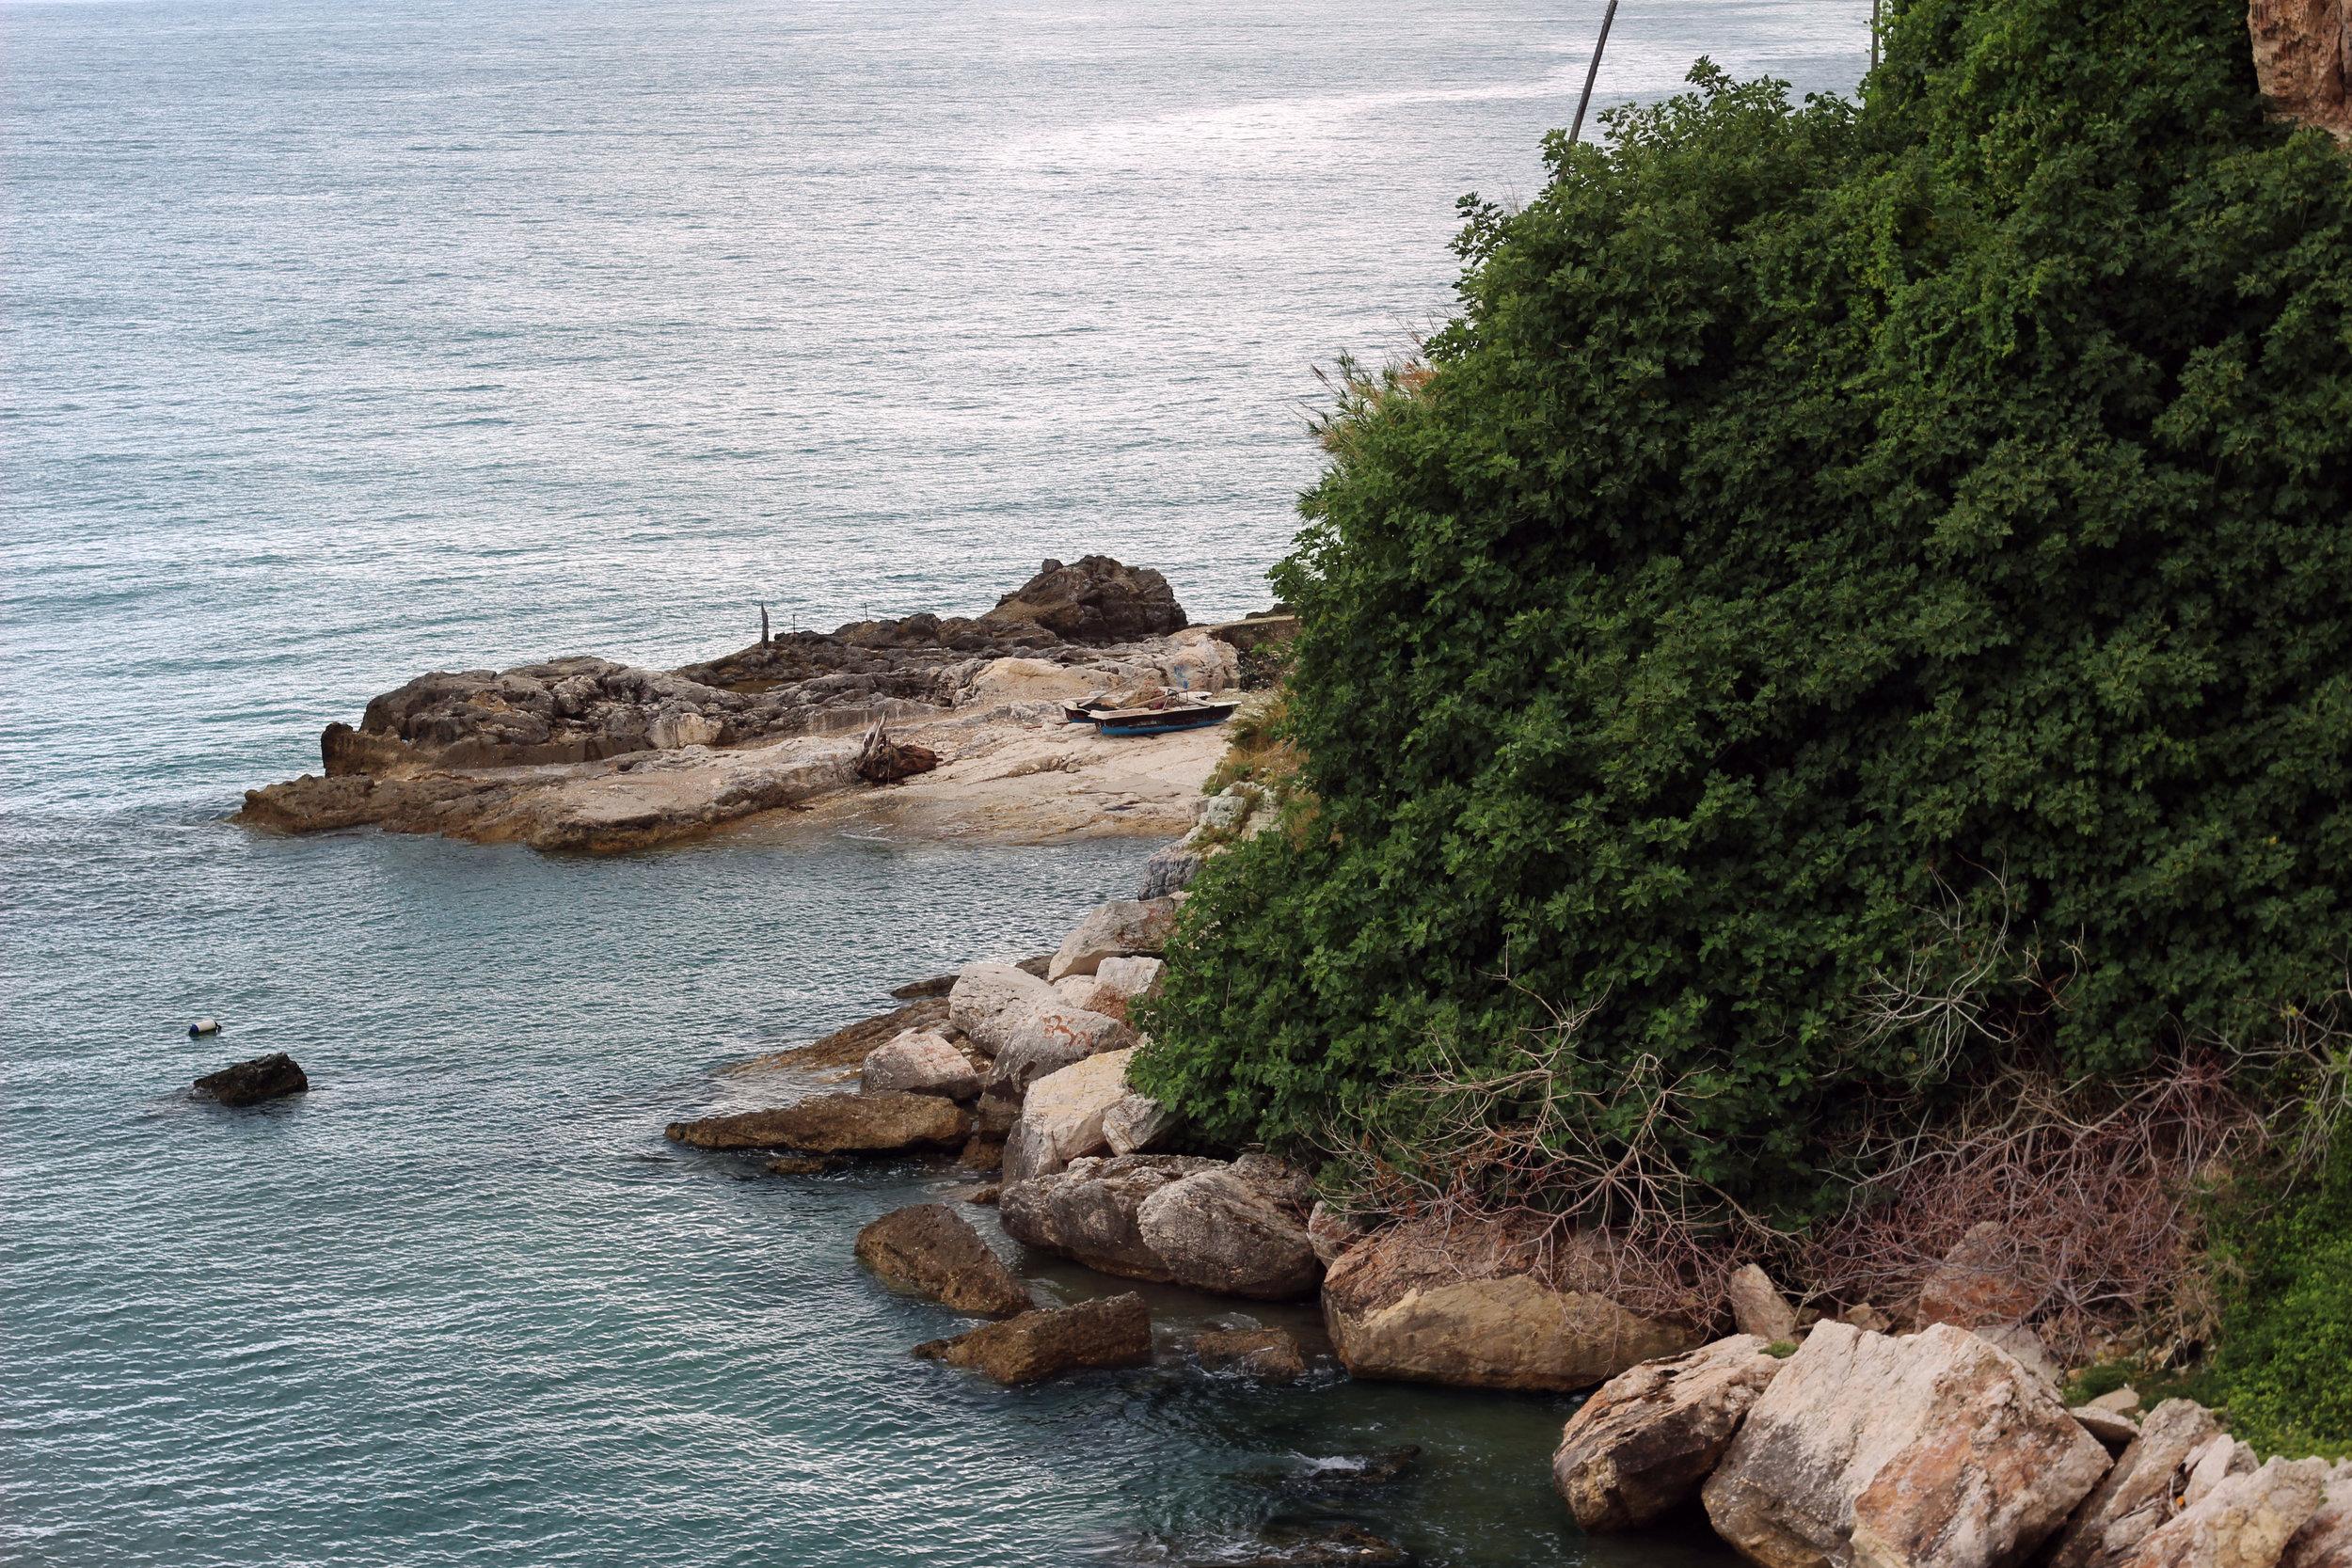 annaporter-adriatic-sea-viest-italy-italia-vacanza-mare-beach-5-Copy.jpg